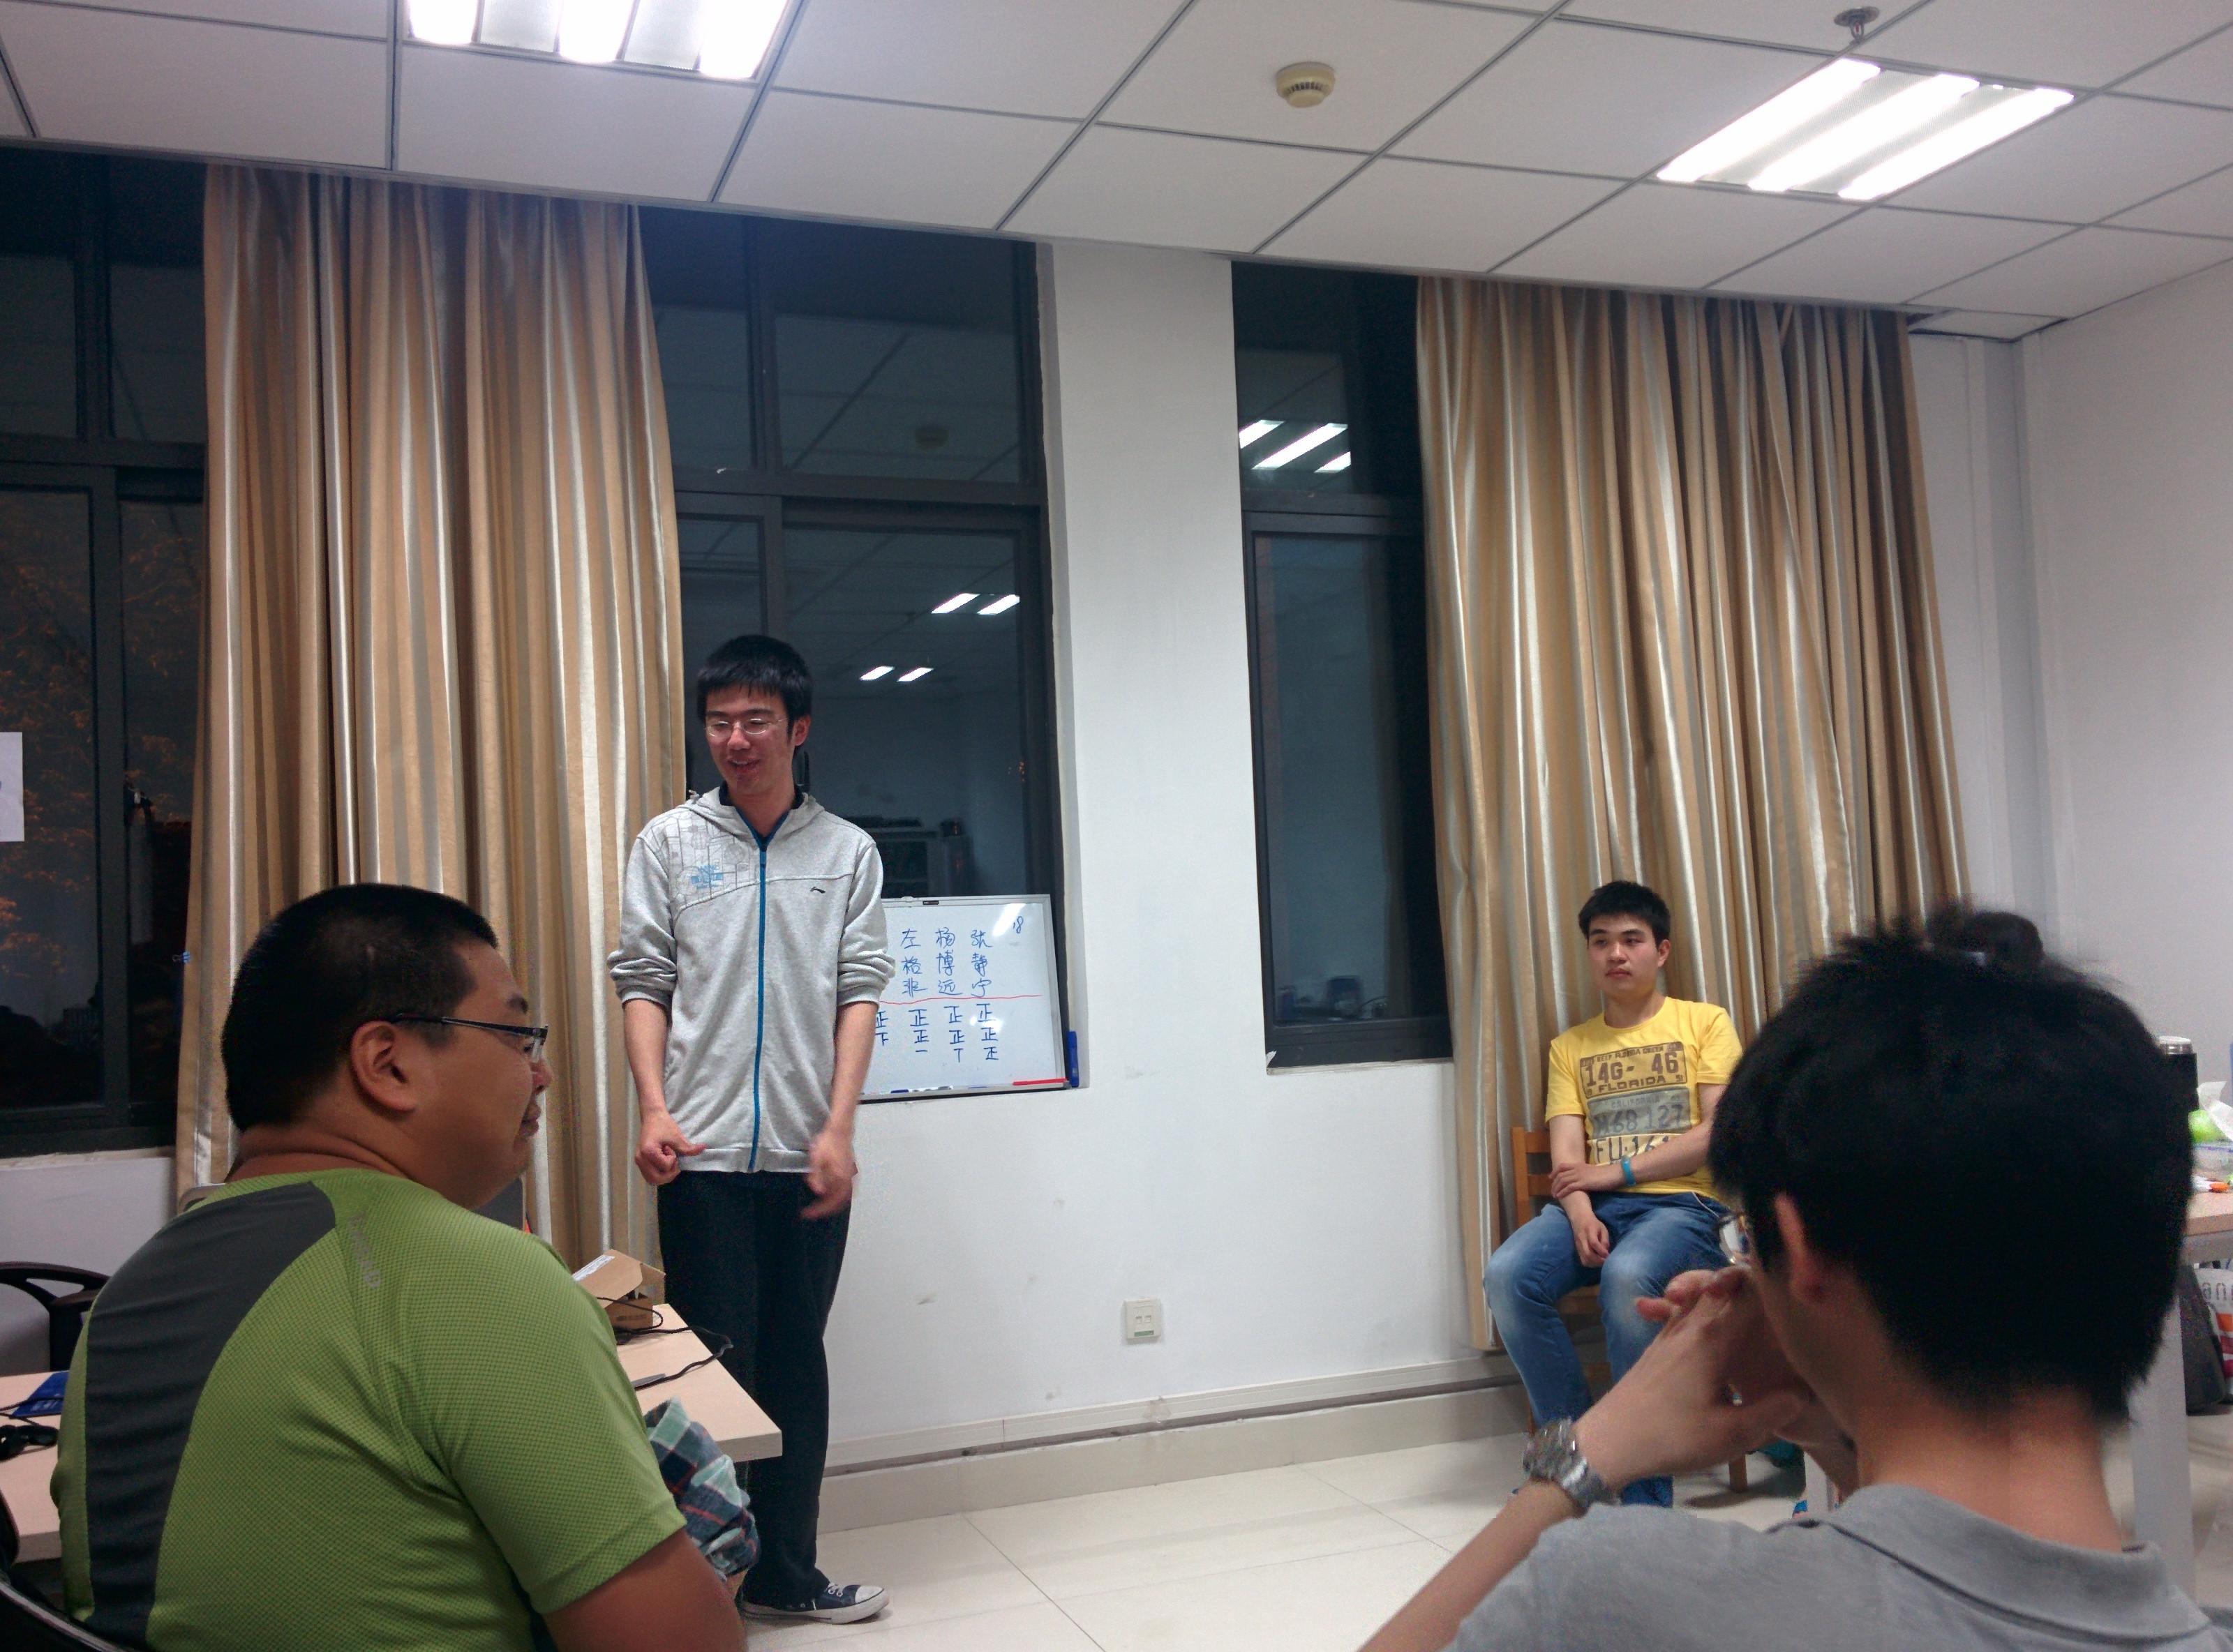 崔灏同学在新担任社长后发表了简短的感想